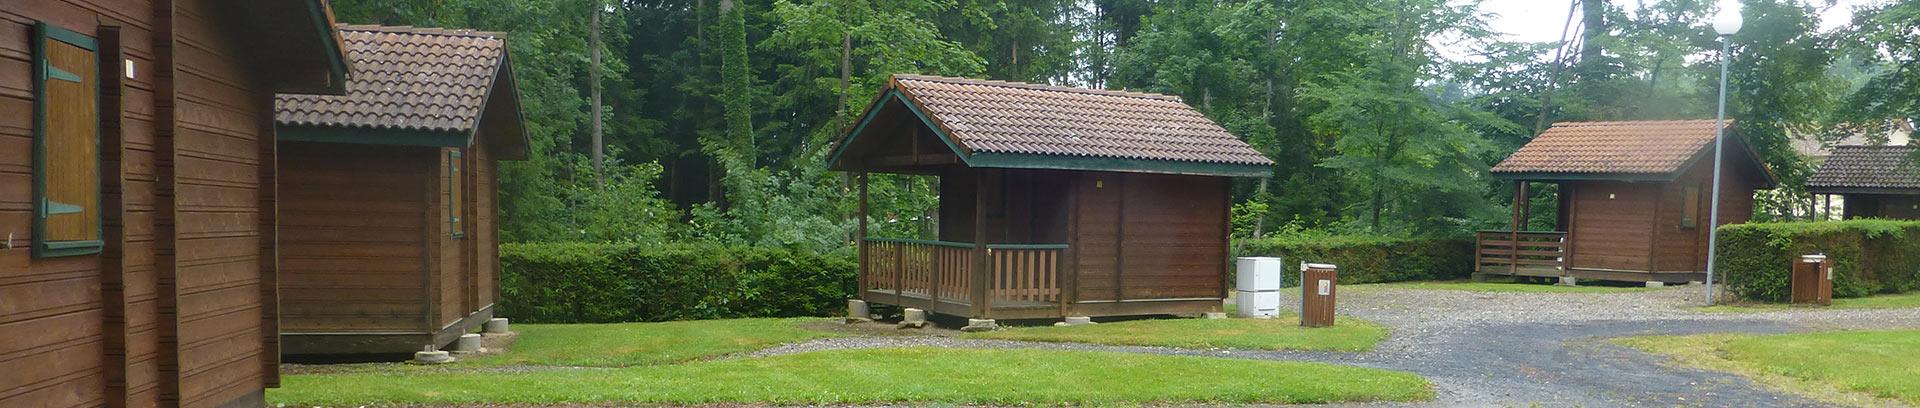 camping spécialiste du développement touristique et commercial